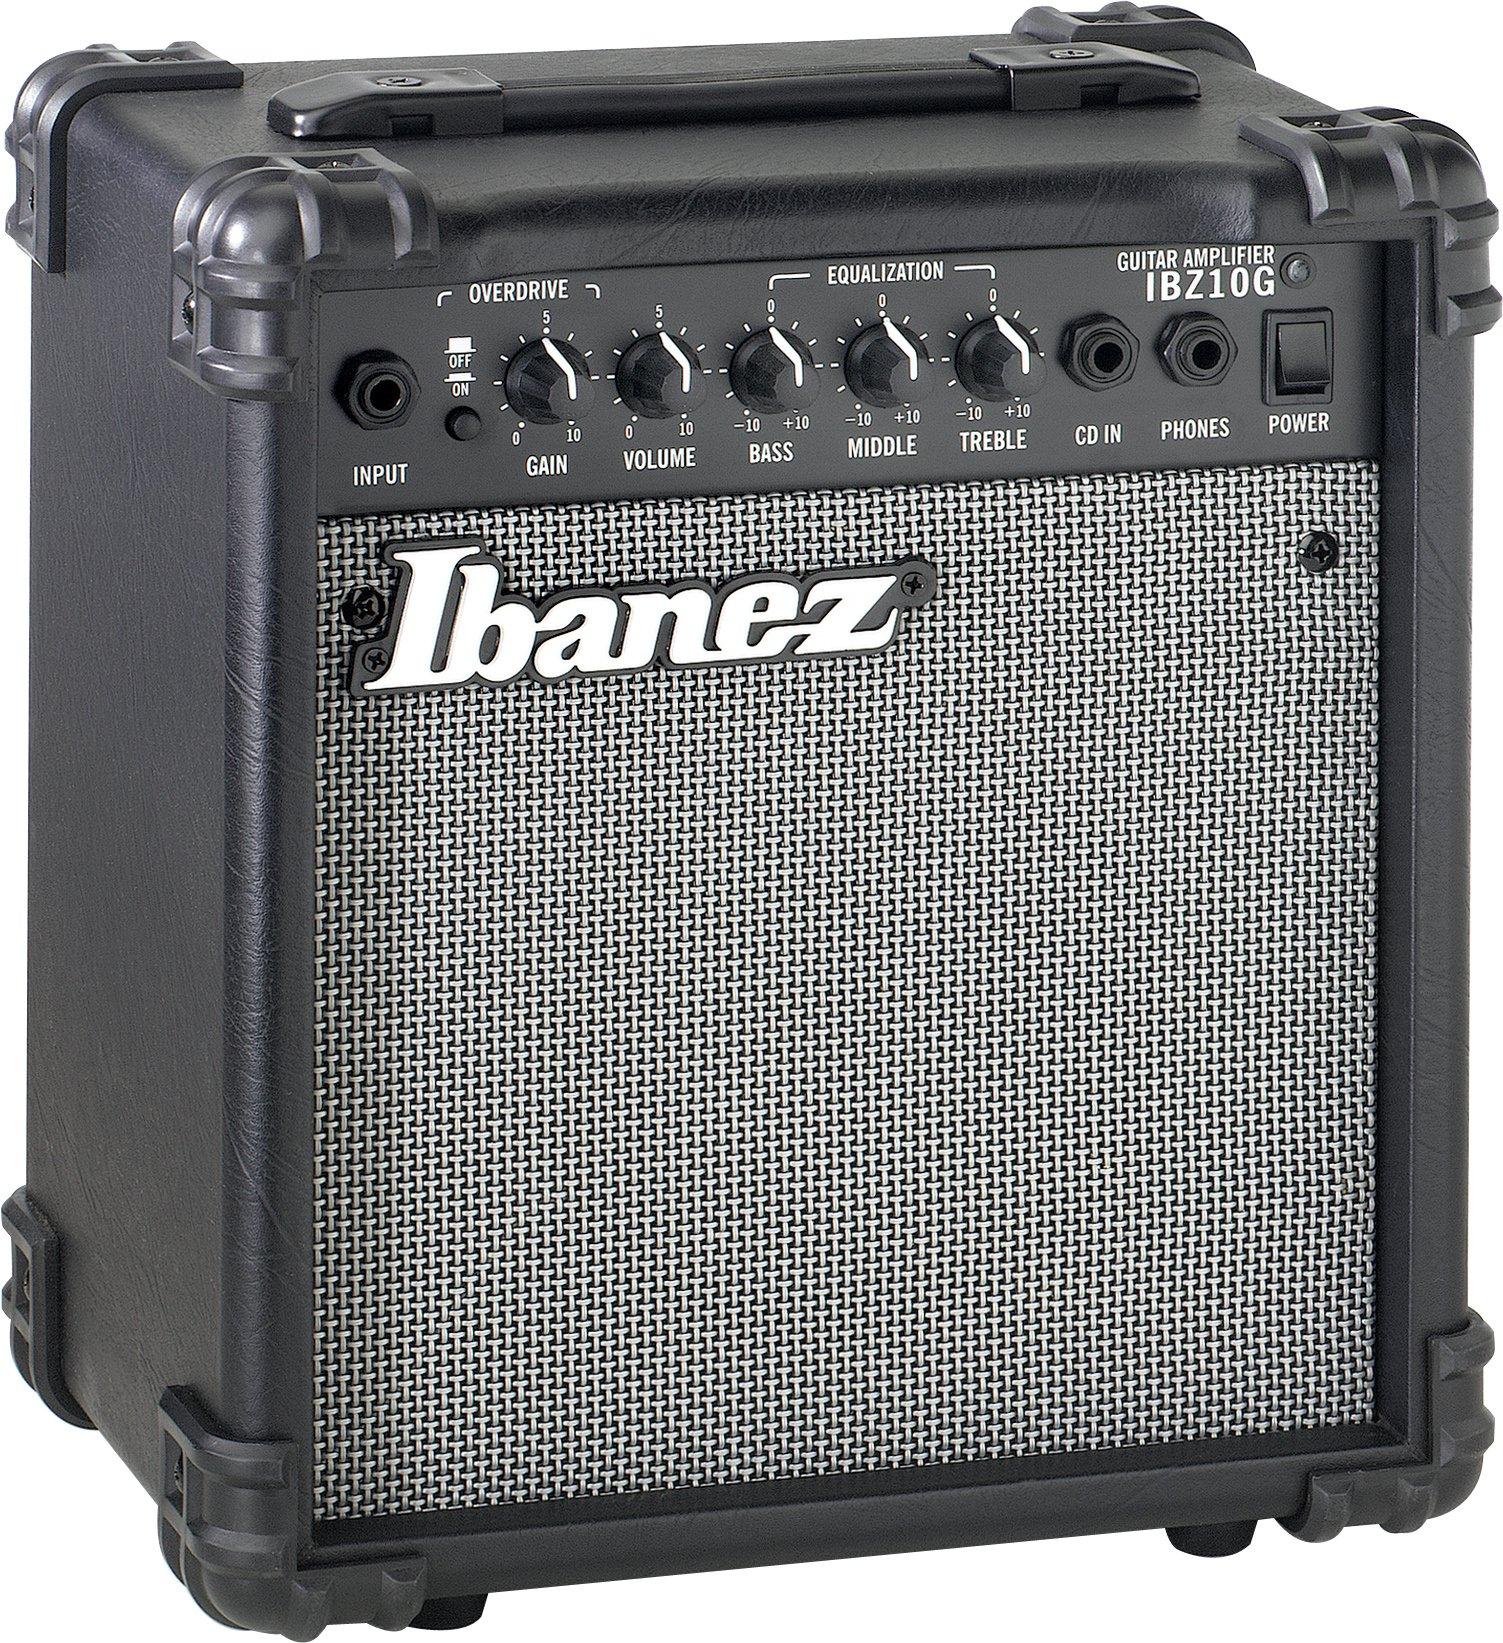 Ibanez Combo Guitar Amp : ibanez ibz10g electric guitar 10w combo amp ~ Hamham.info Haus und Dekorationen